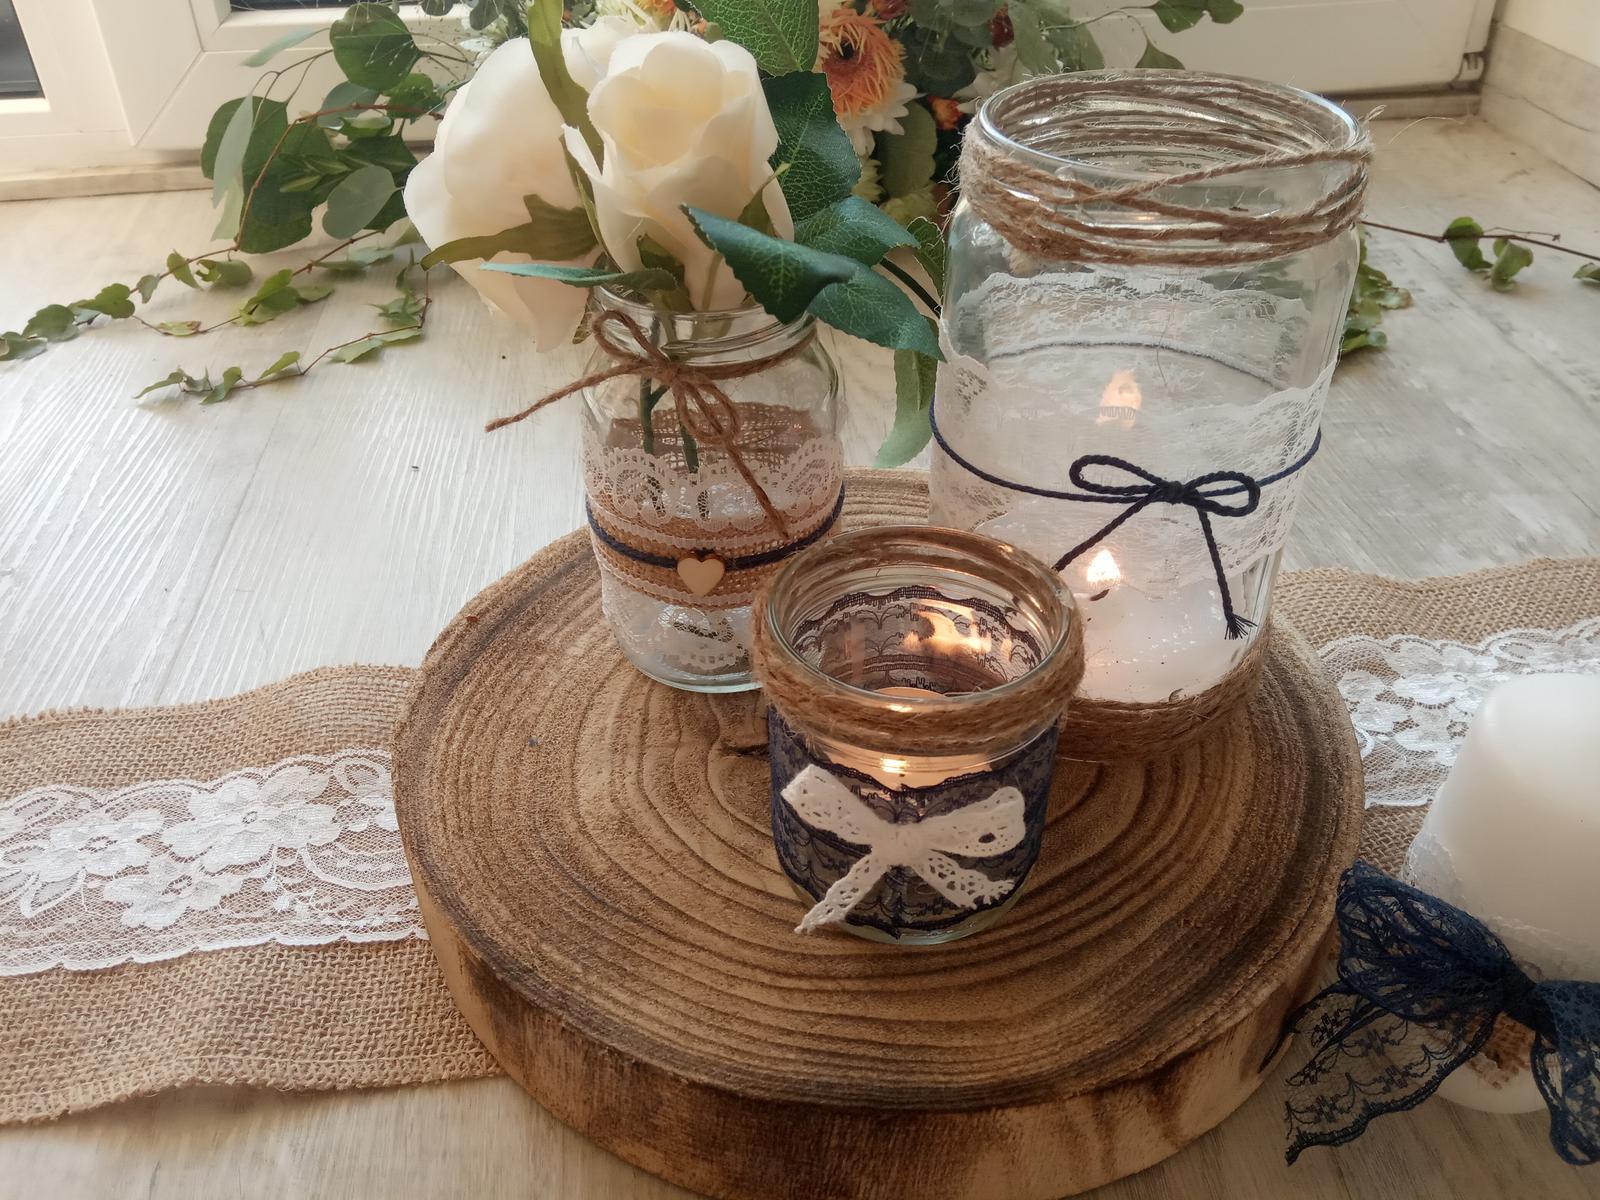 Svícínky, svíčky, vázičky - Obrázek č. 1